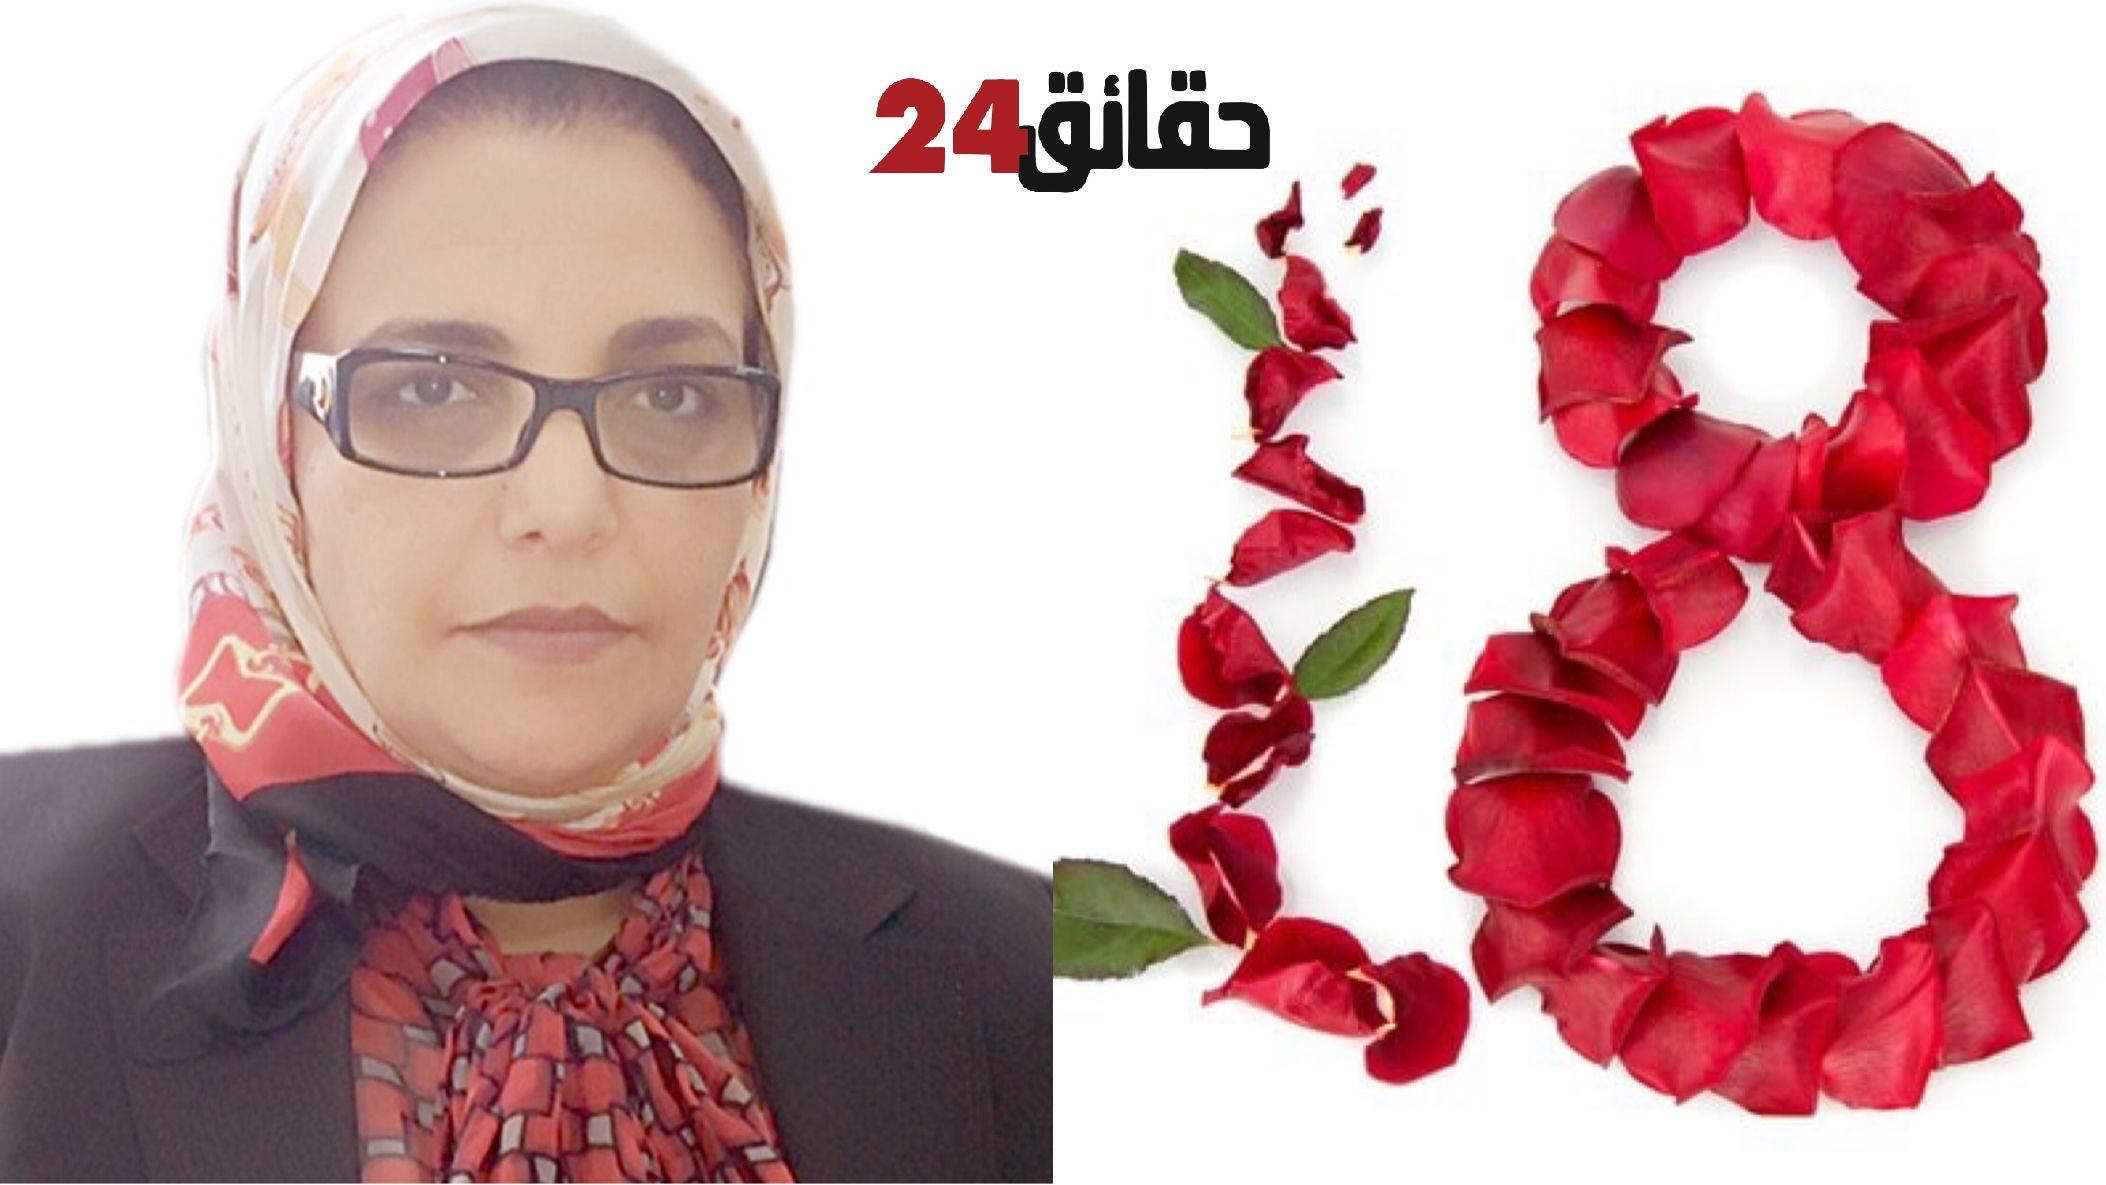 صورة ماجدة الداودي القضاء بصيغة التأنيث